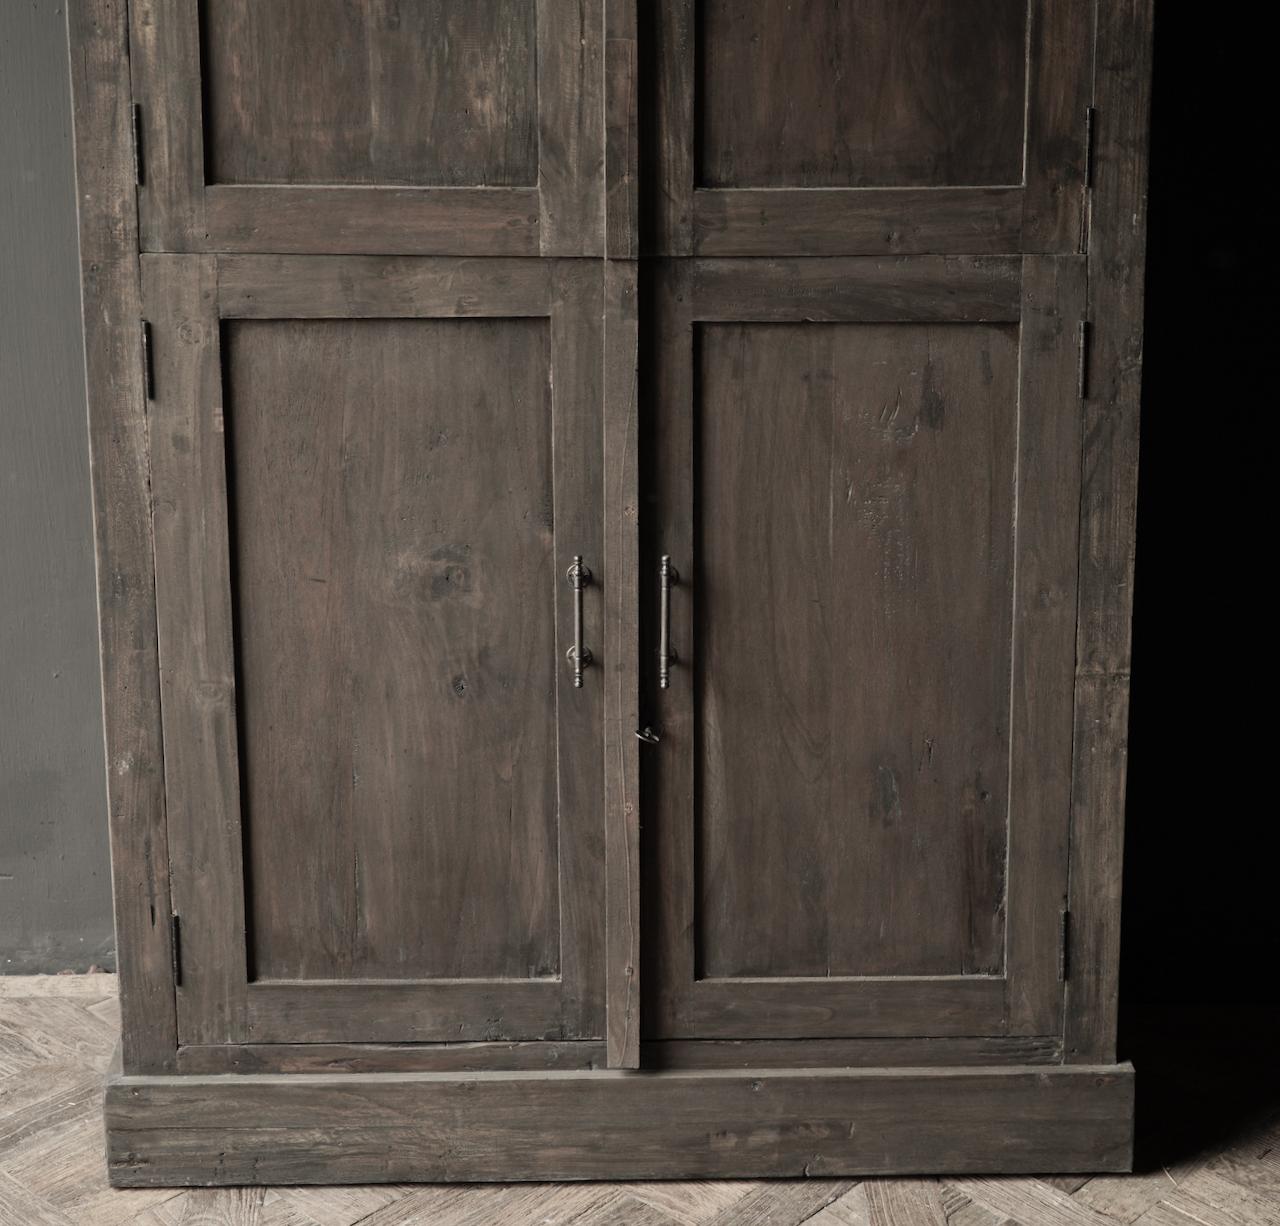 Schöner Tough Rural alter Holzschrank vier Türen-5